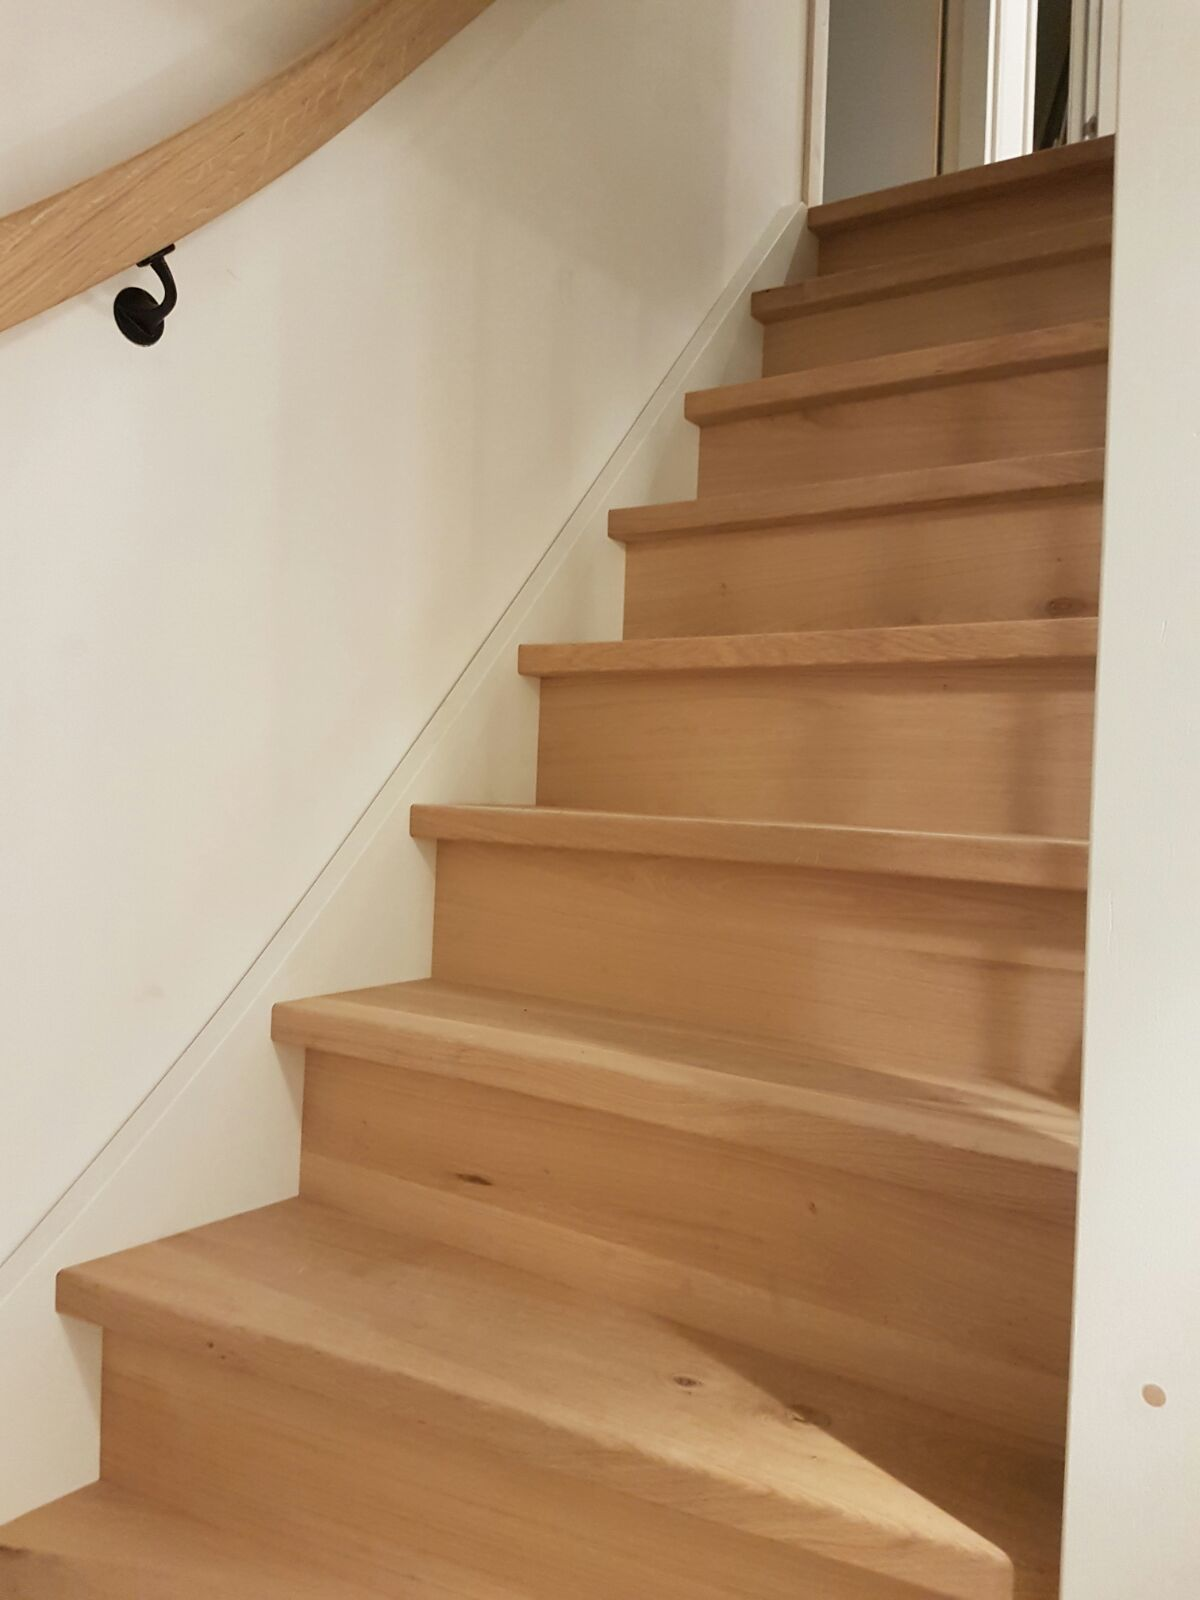 Soorten houten trappen houtsoorten voor trappen eiken for Houten trap plaatsen